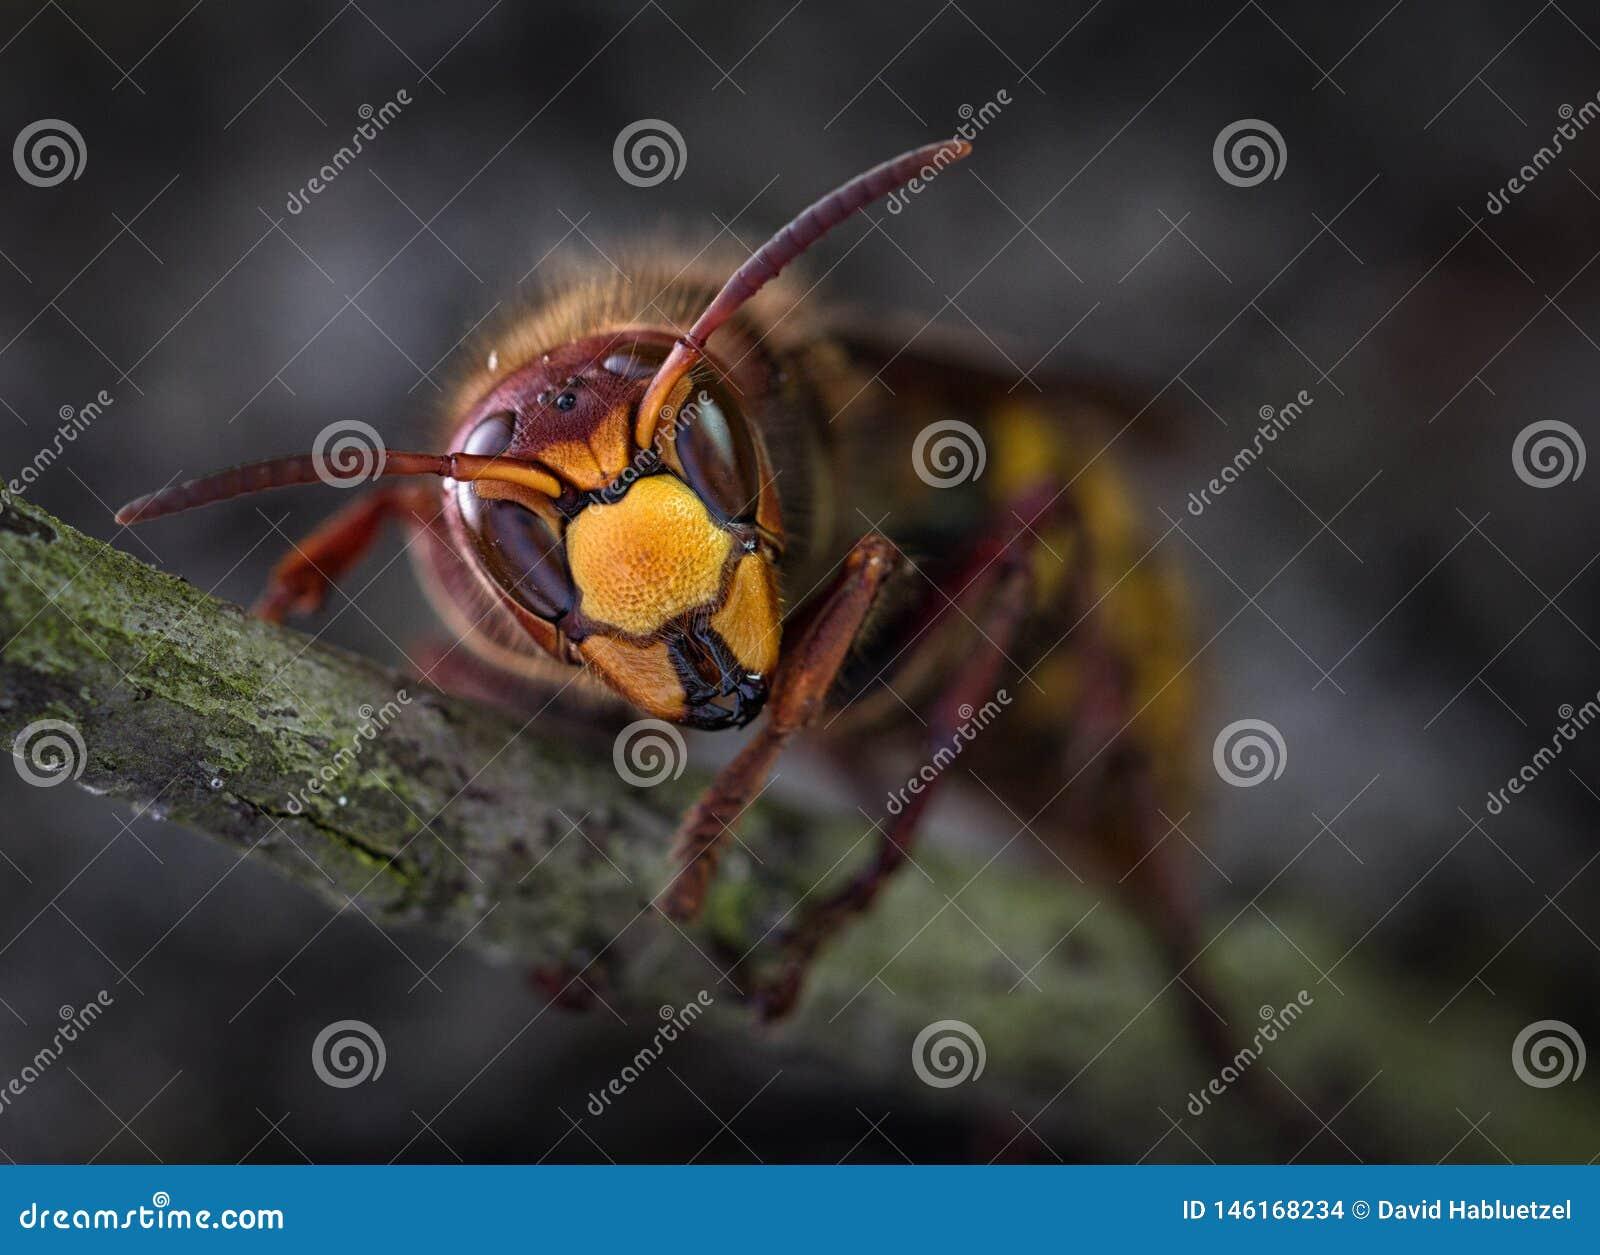 Hornet queen ready for winter